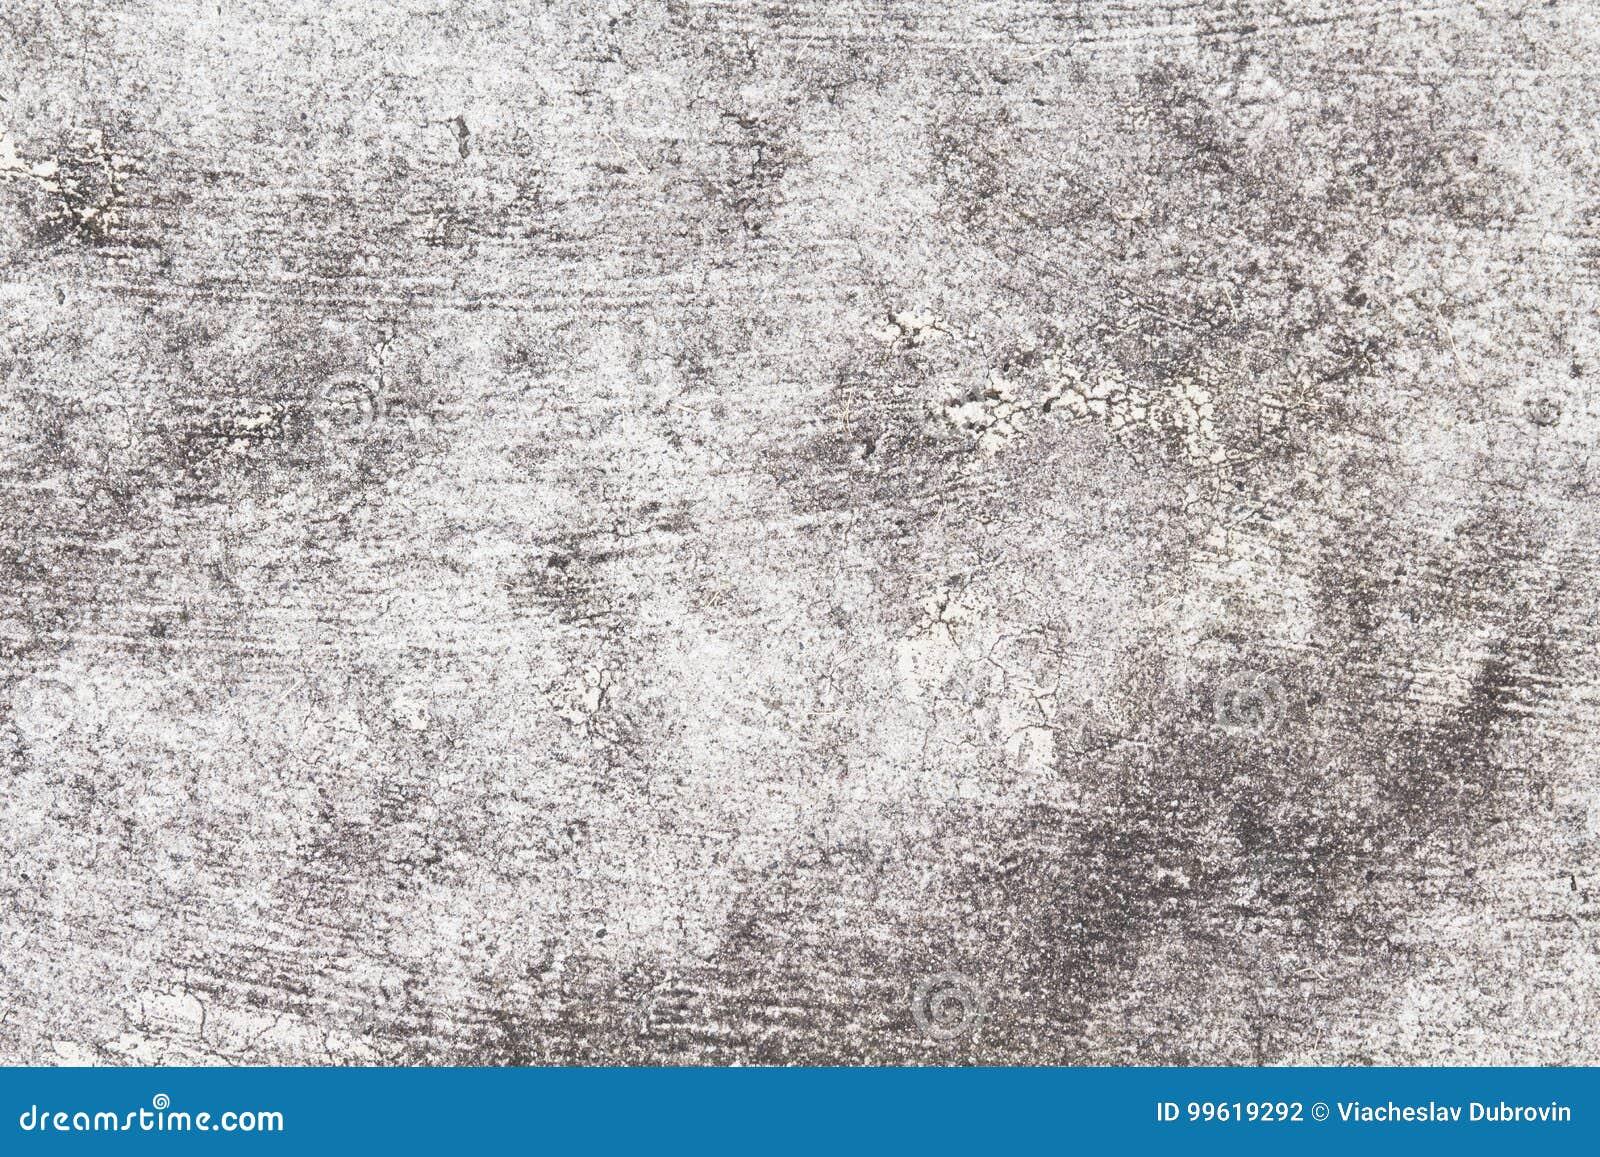 Rustic Concrete Texture Grey Asphalt Road Top View Photo